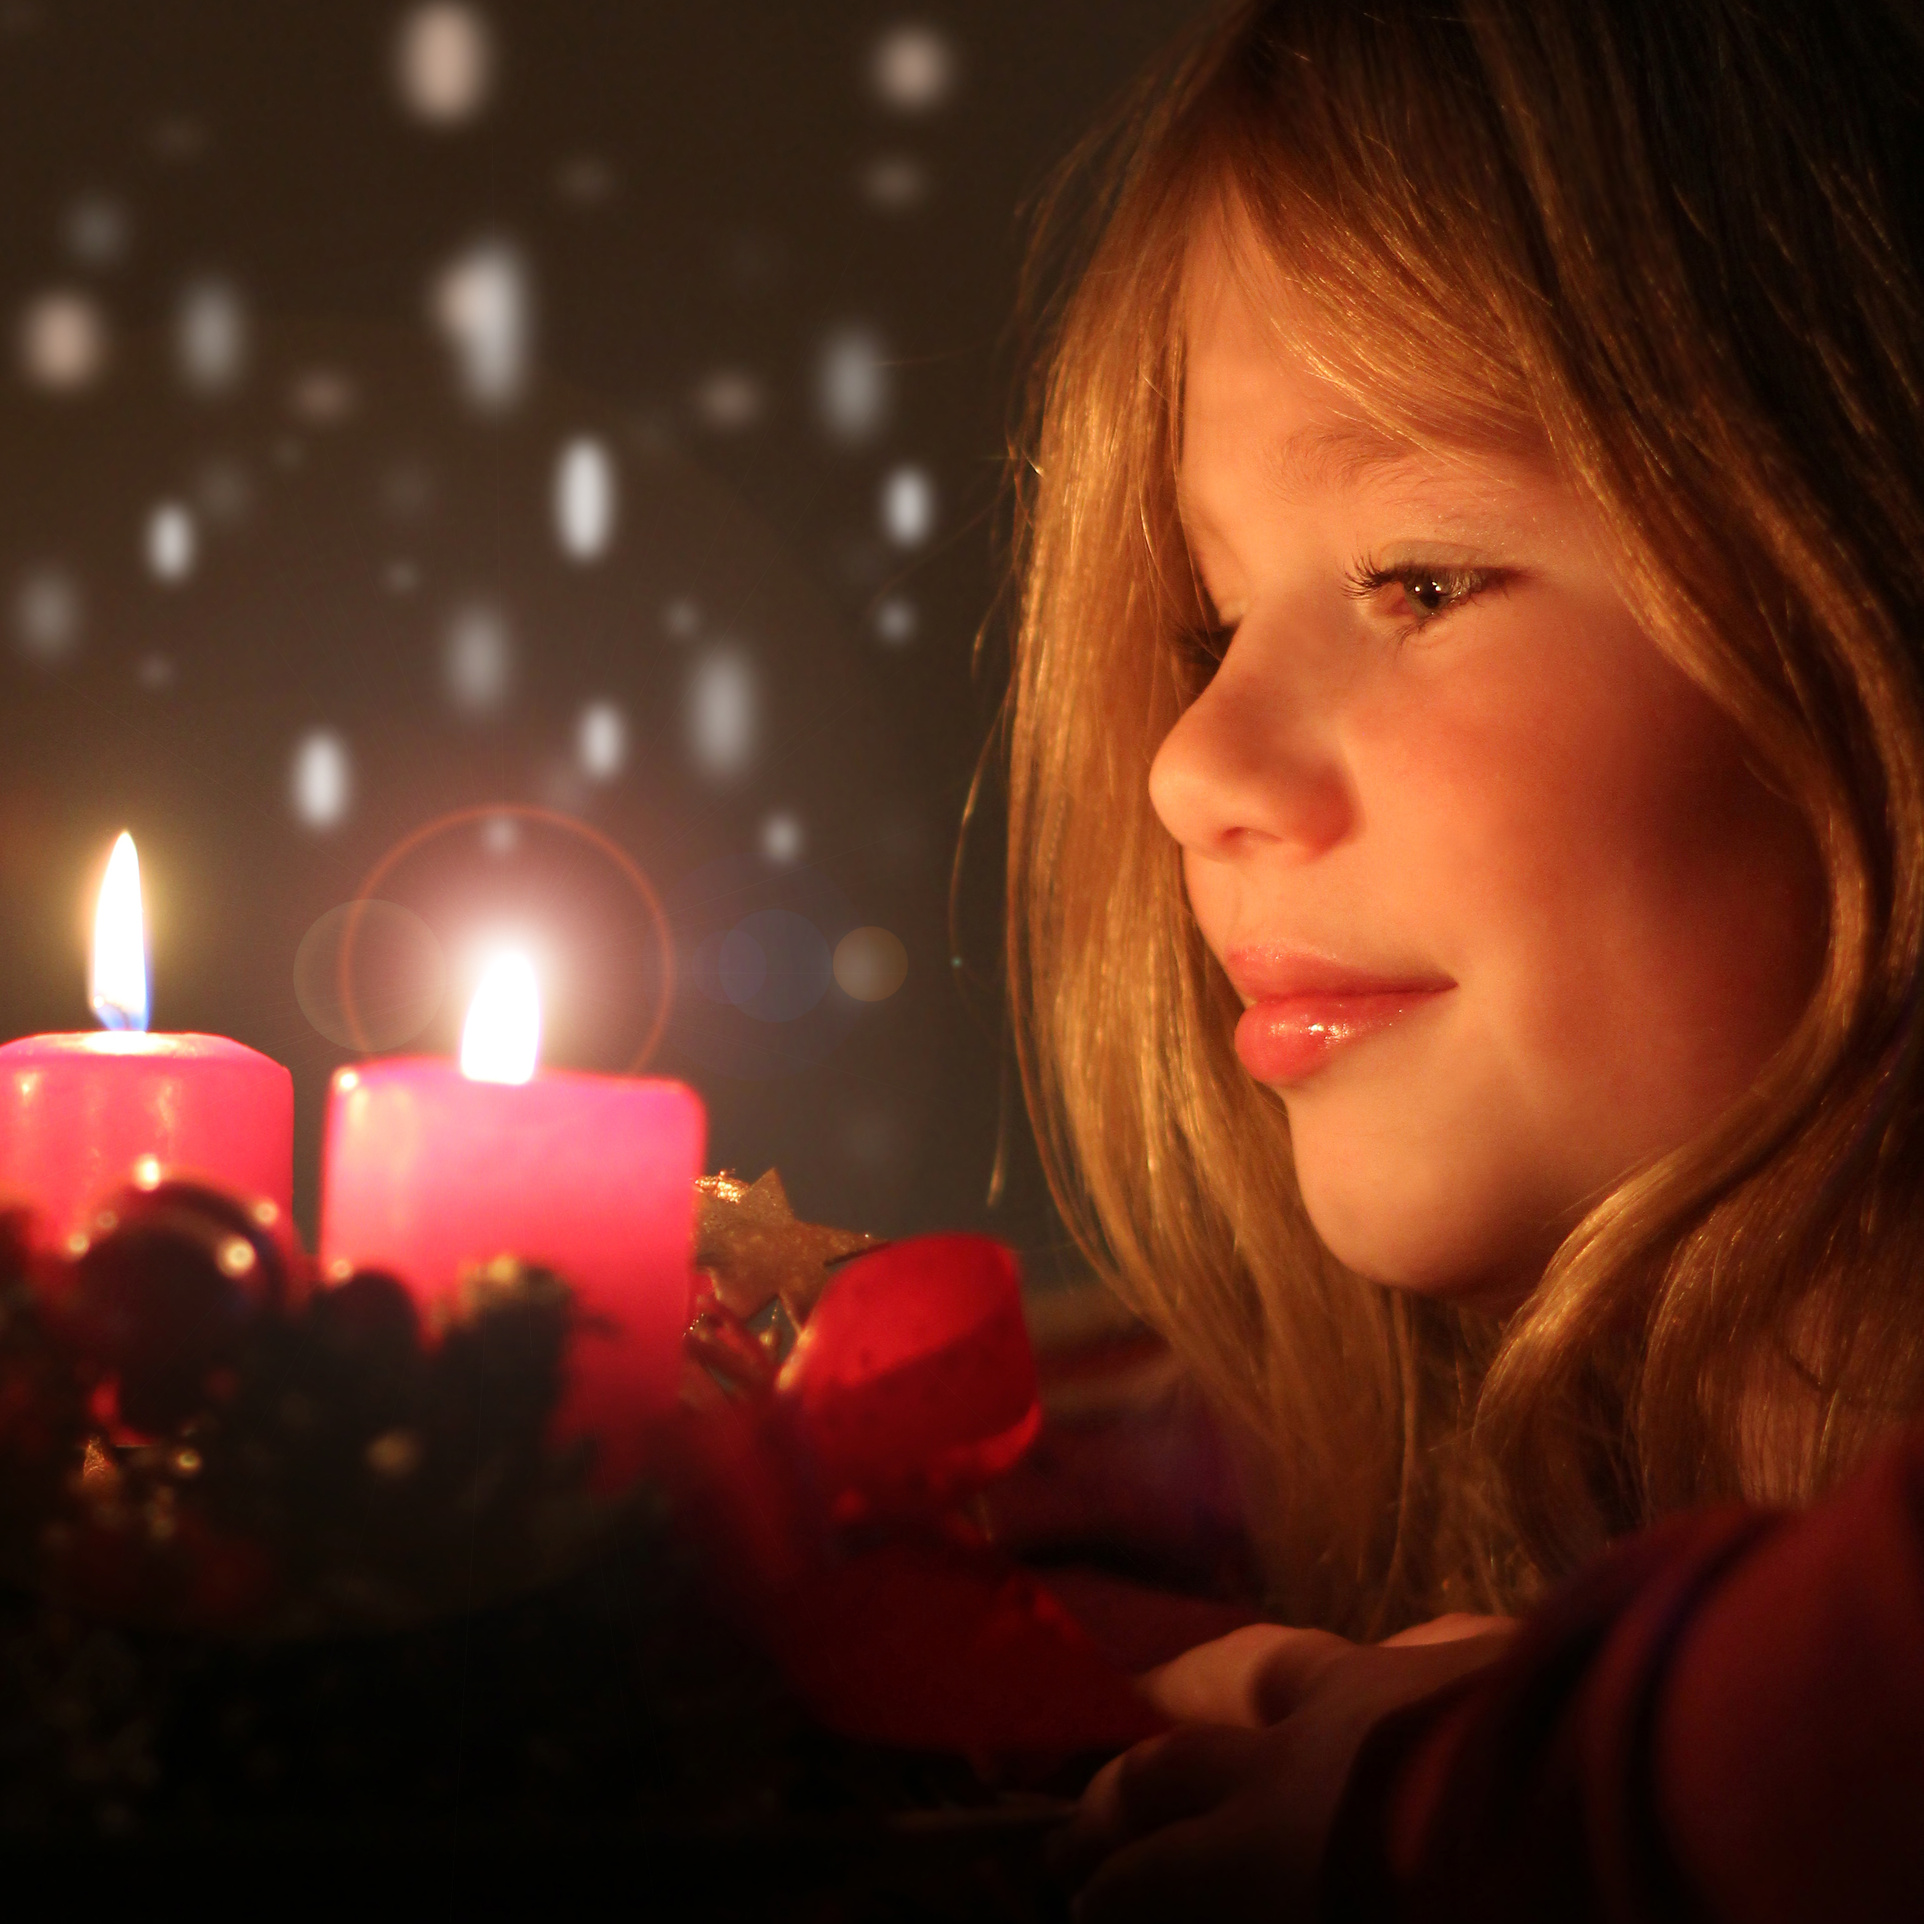 Noël enfant joie lumière